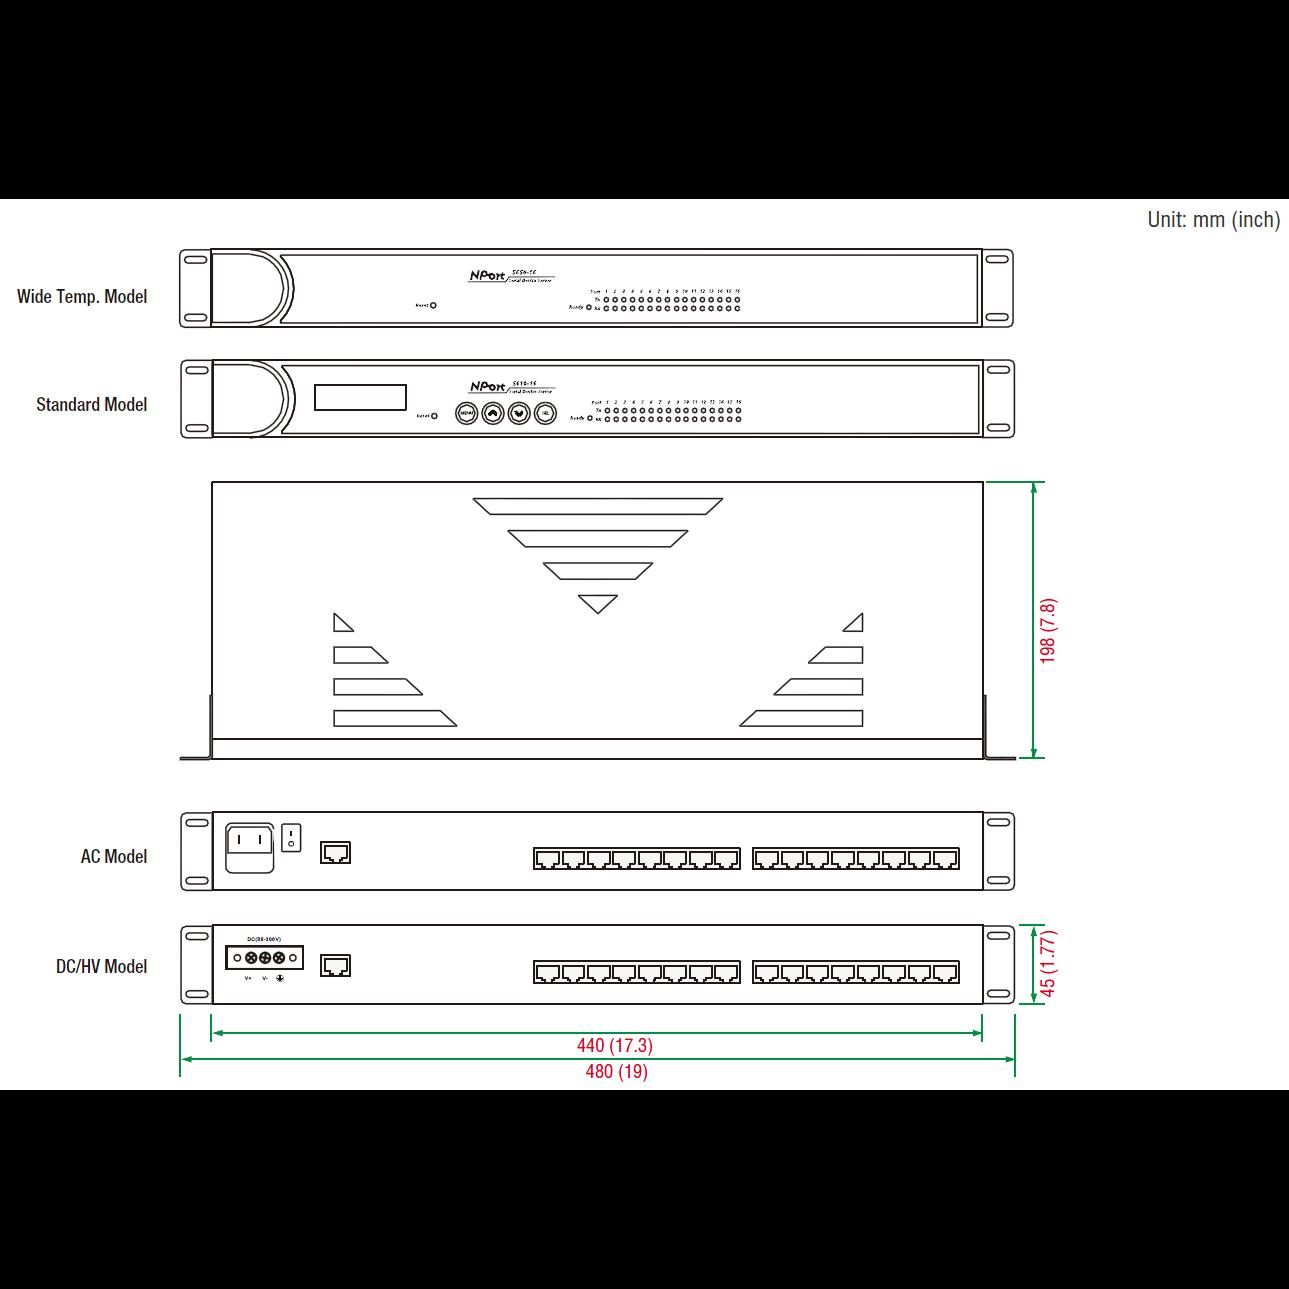 NPort 5630-8, 8-портовый асинхронный сервер RS-422/485 в Ethernet